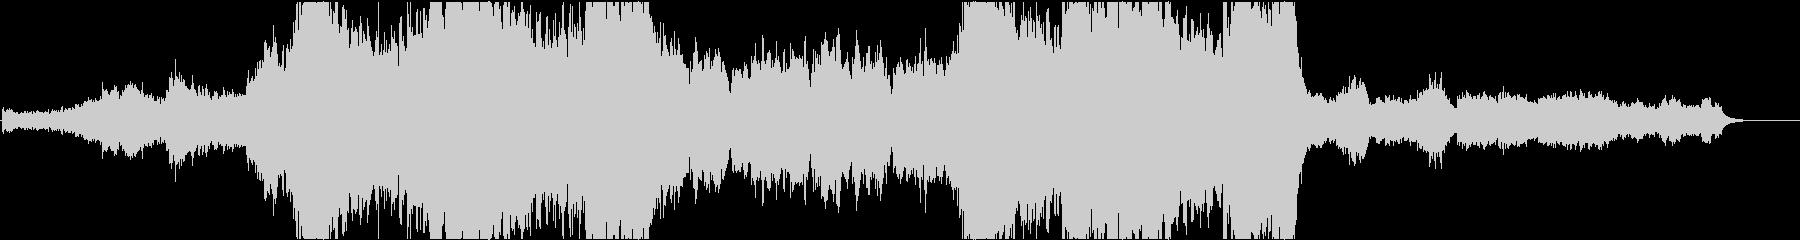 ミステリー調のエピックダークオーケストラの未再生の波形